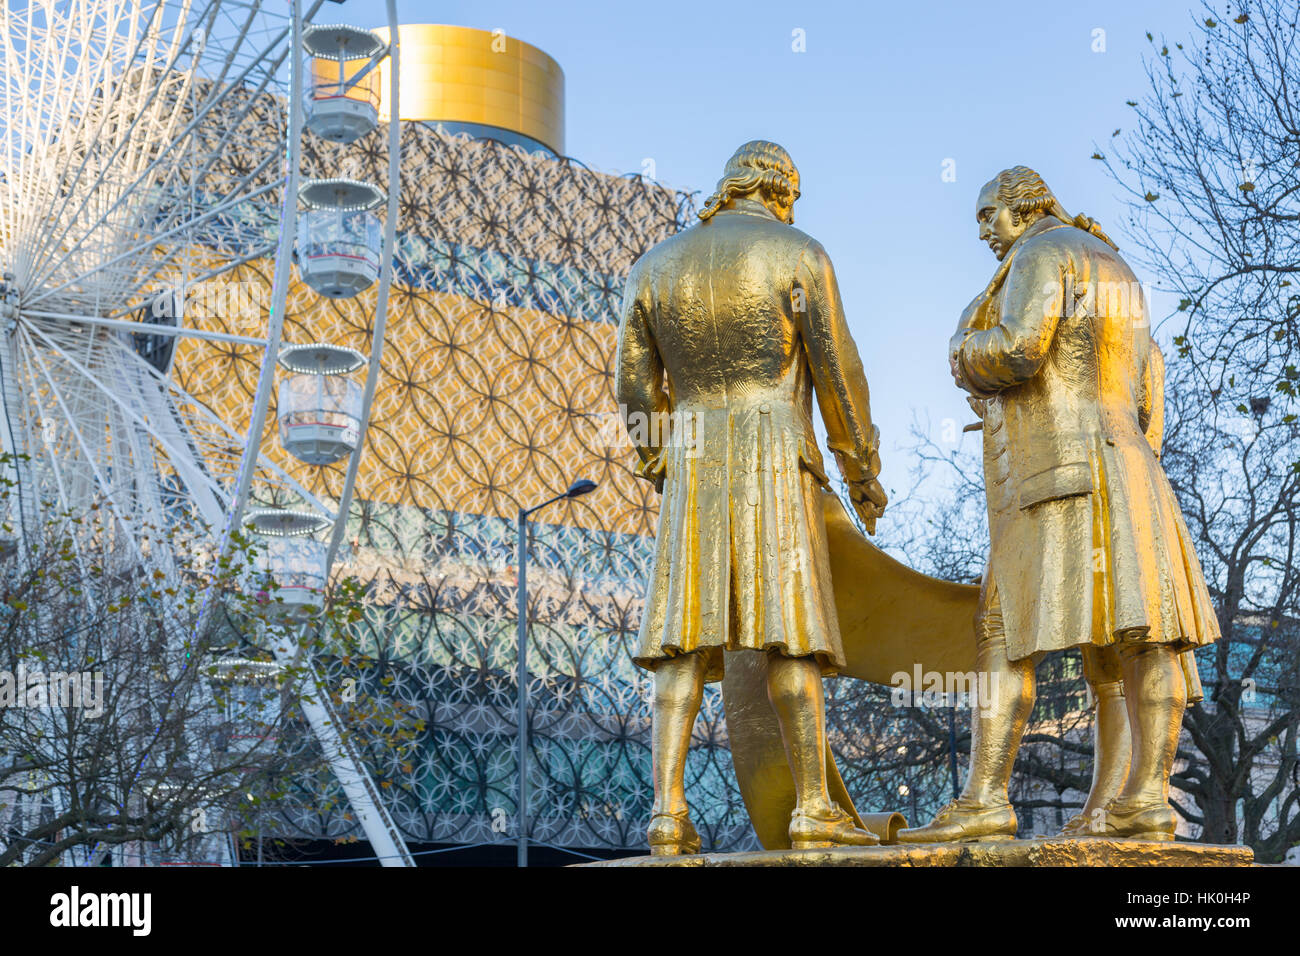 Boulton, Murdoch y Vatio estatua y la Biblioteca Pública de West Midlands, Birmingham, Inglaterra, Reino Unido Imagen De Stock